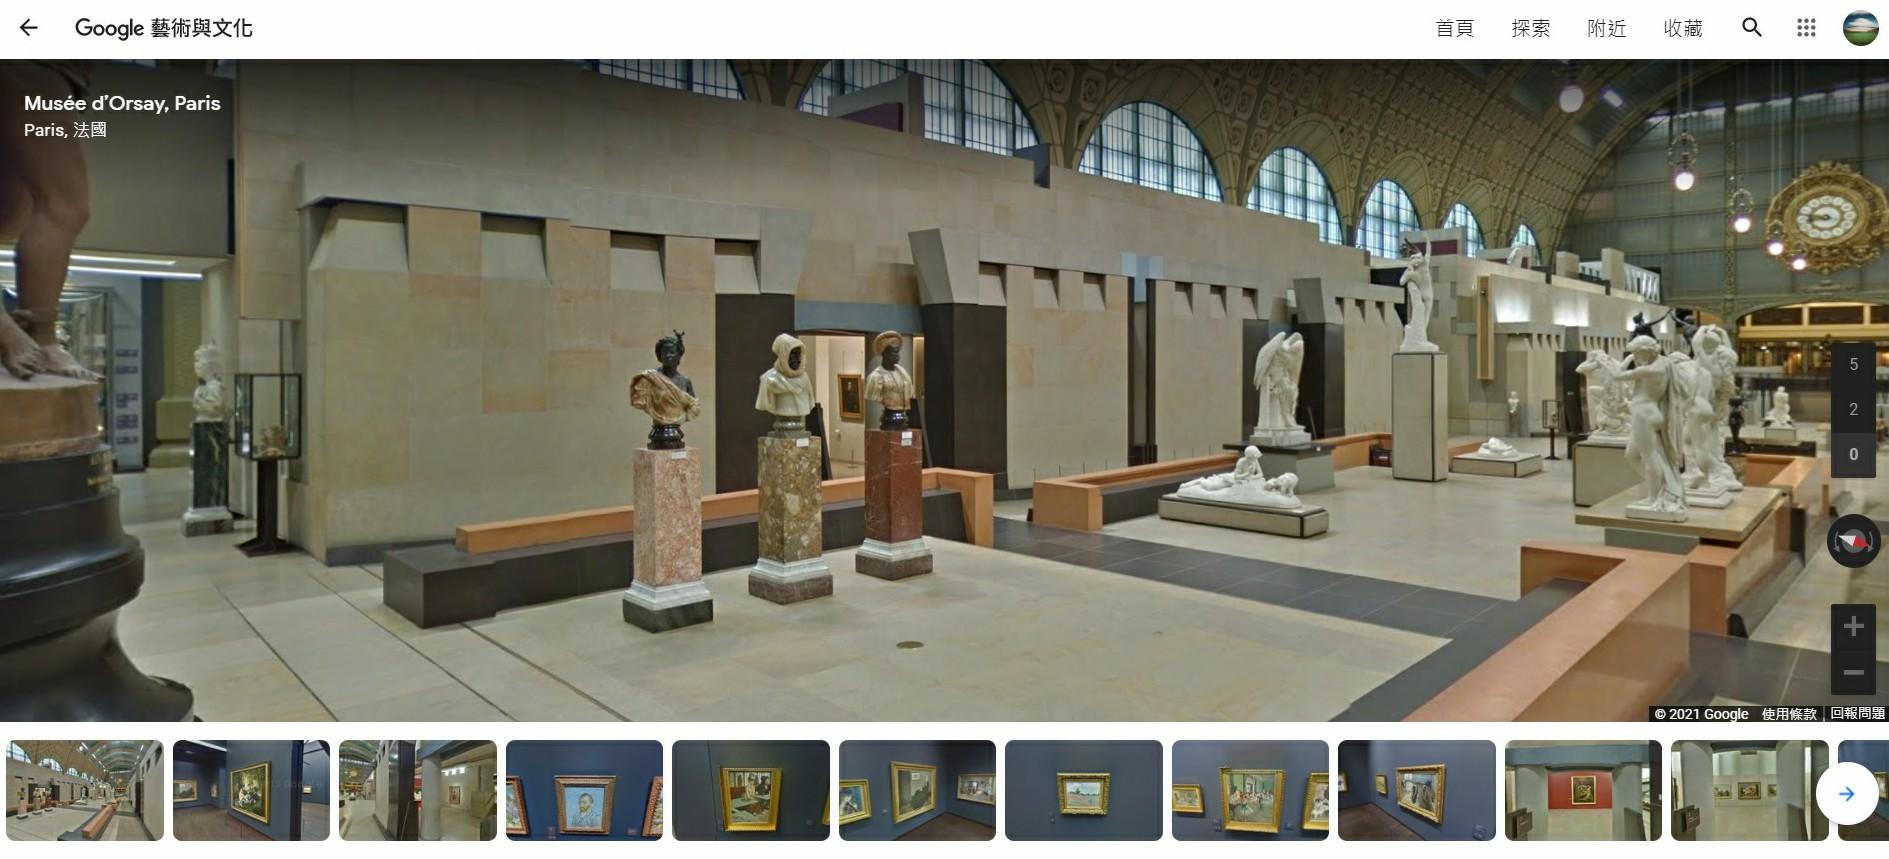 法國巴黎奧塞美術館,奧塞美術館,Google Arts & Culture,Google 藝術與文化,虛擬實境美術館,線上展覽,線上美術館,巴 黎景點